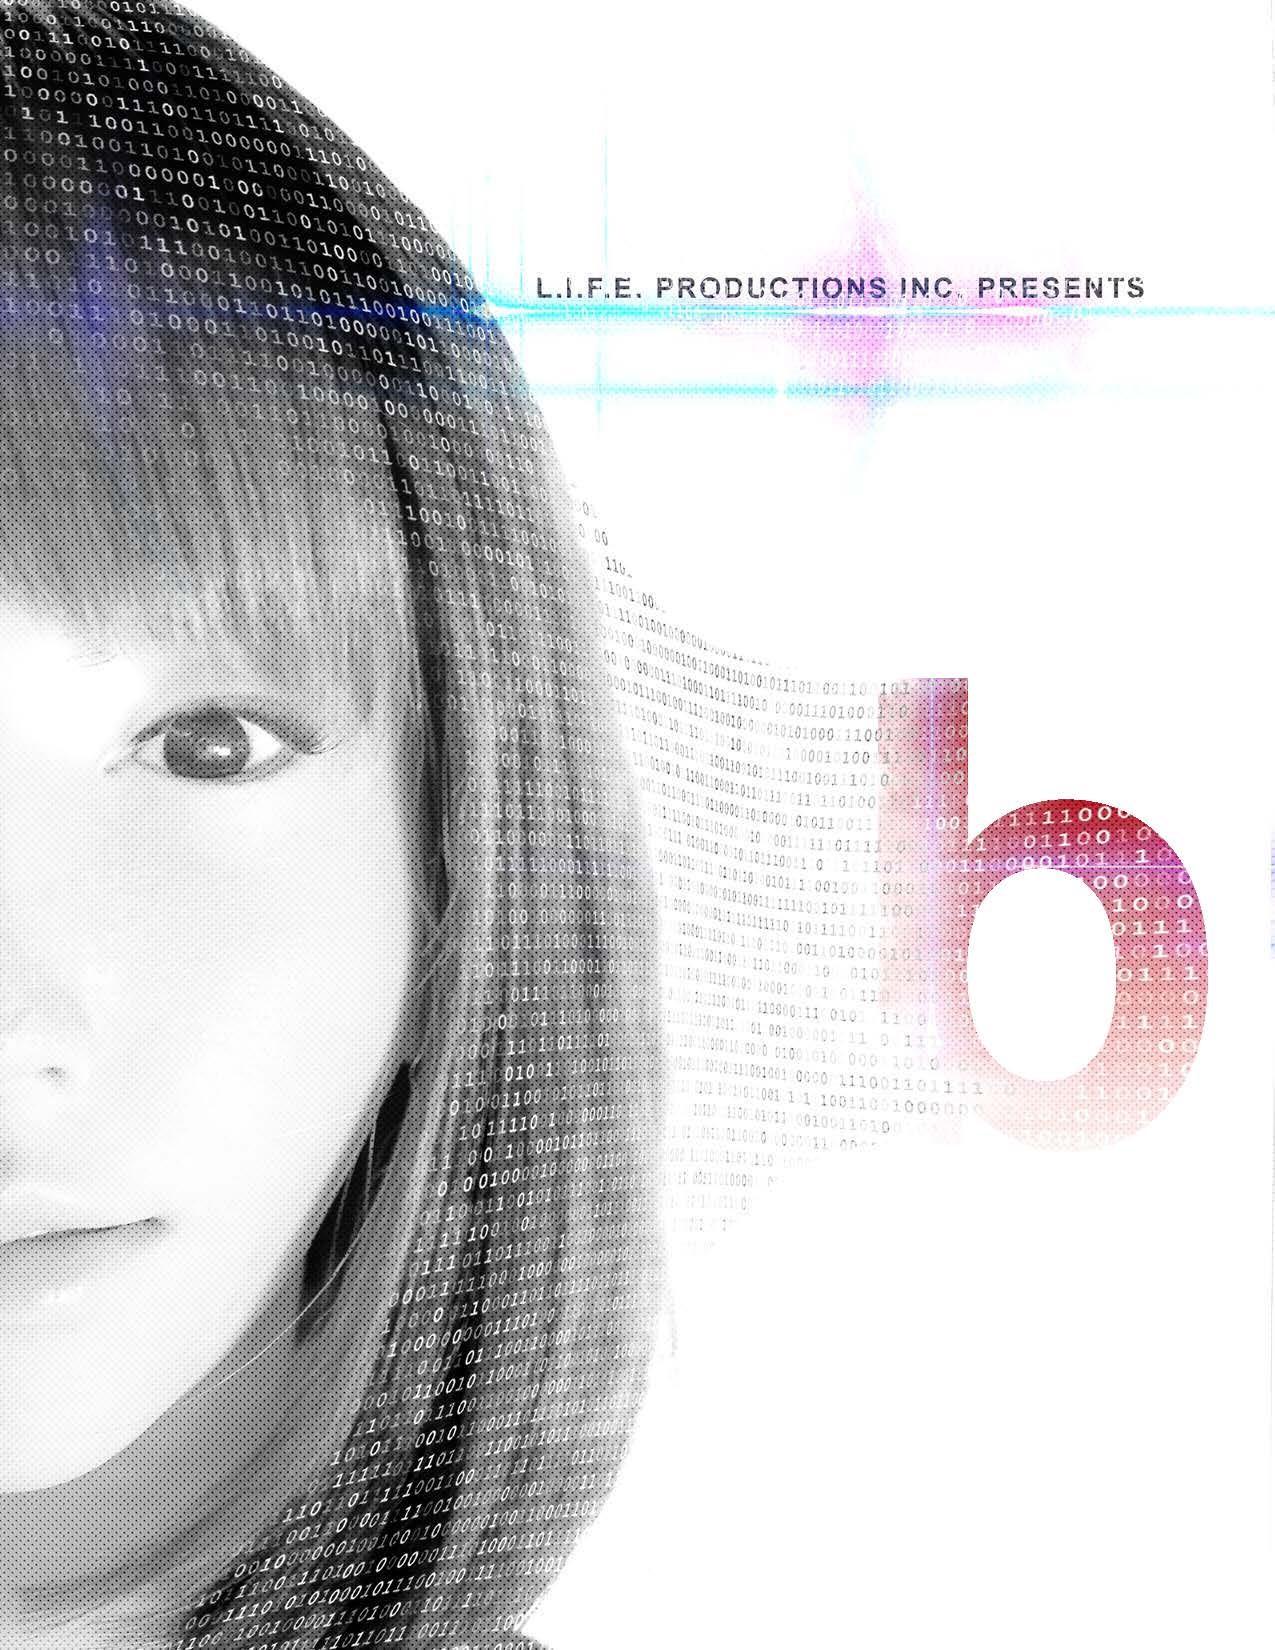 BH90210.S01E06.720p.WEB.x264-TBS